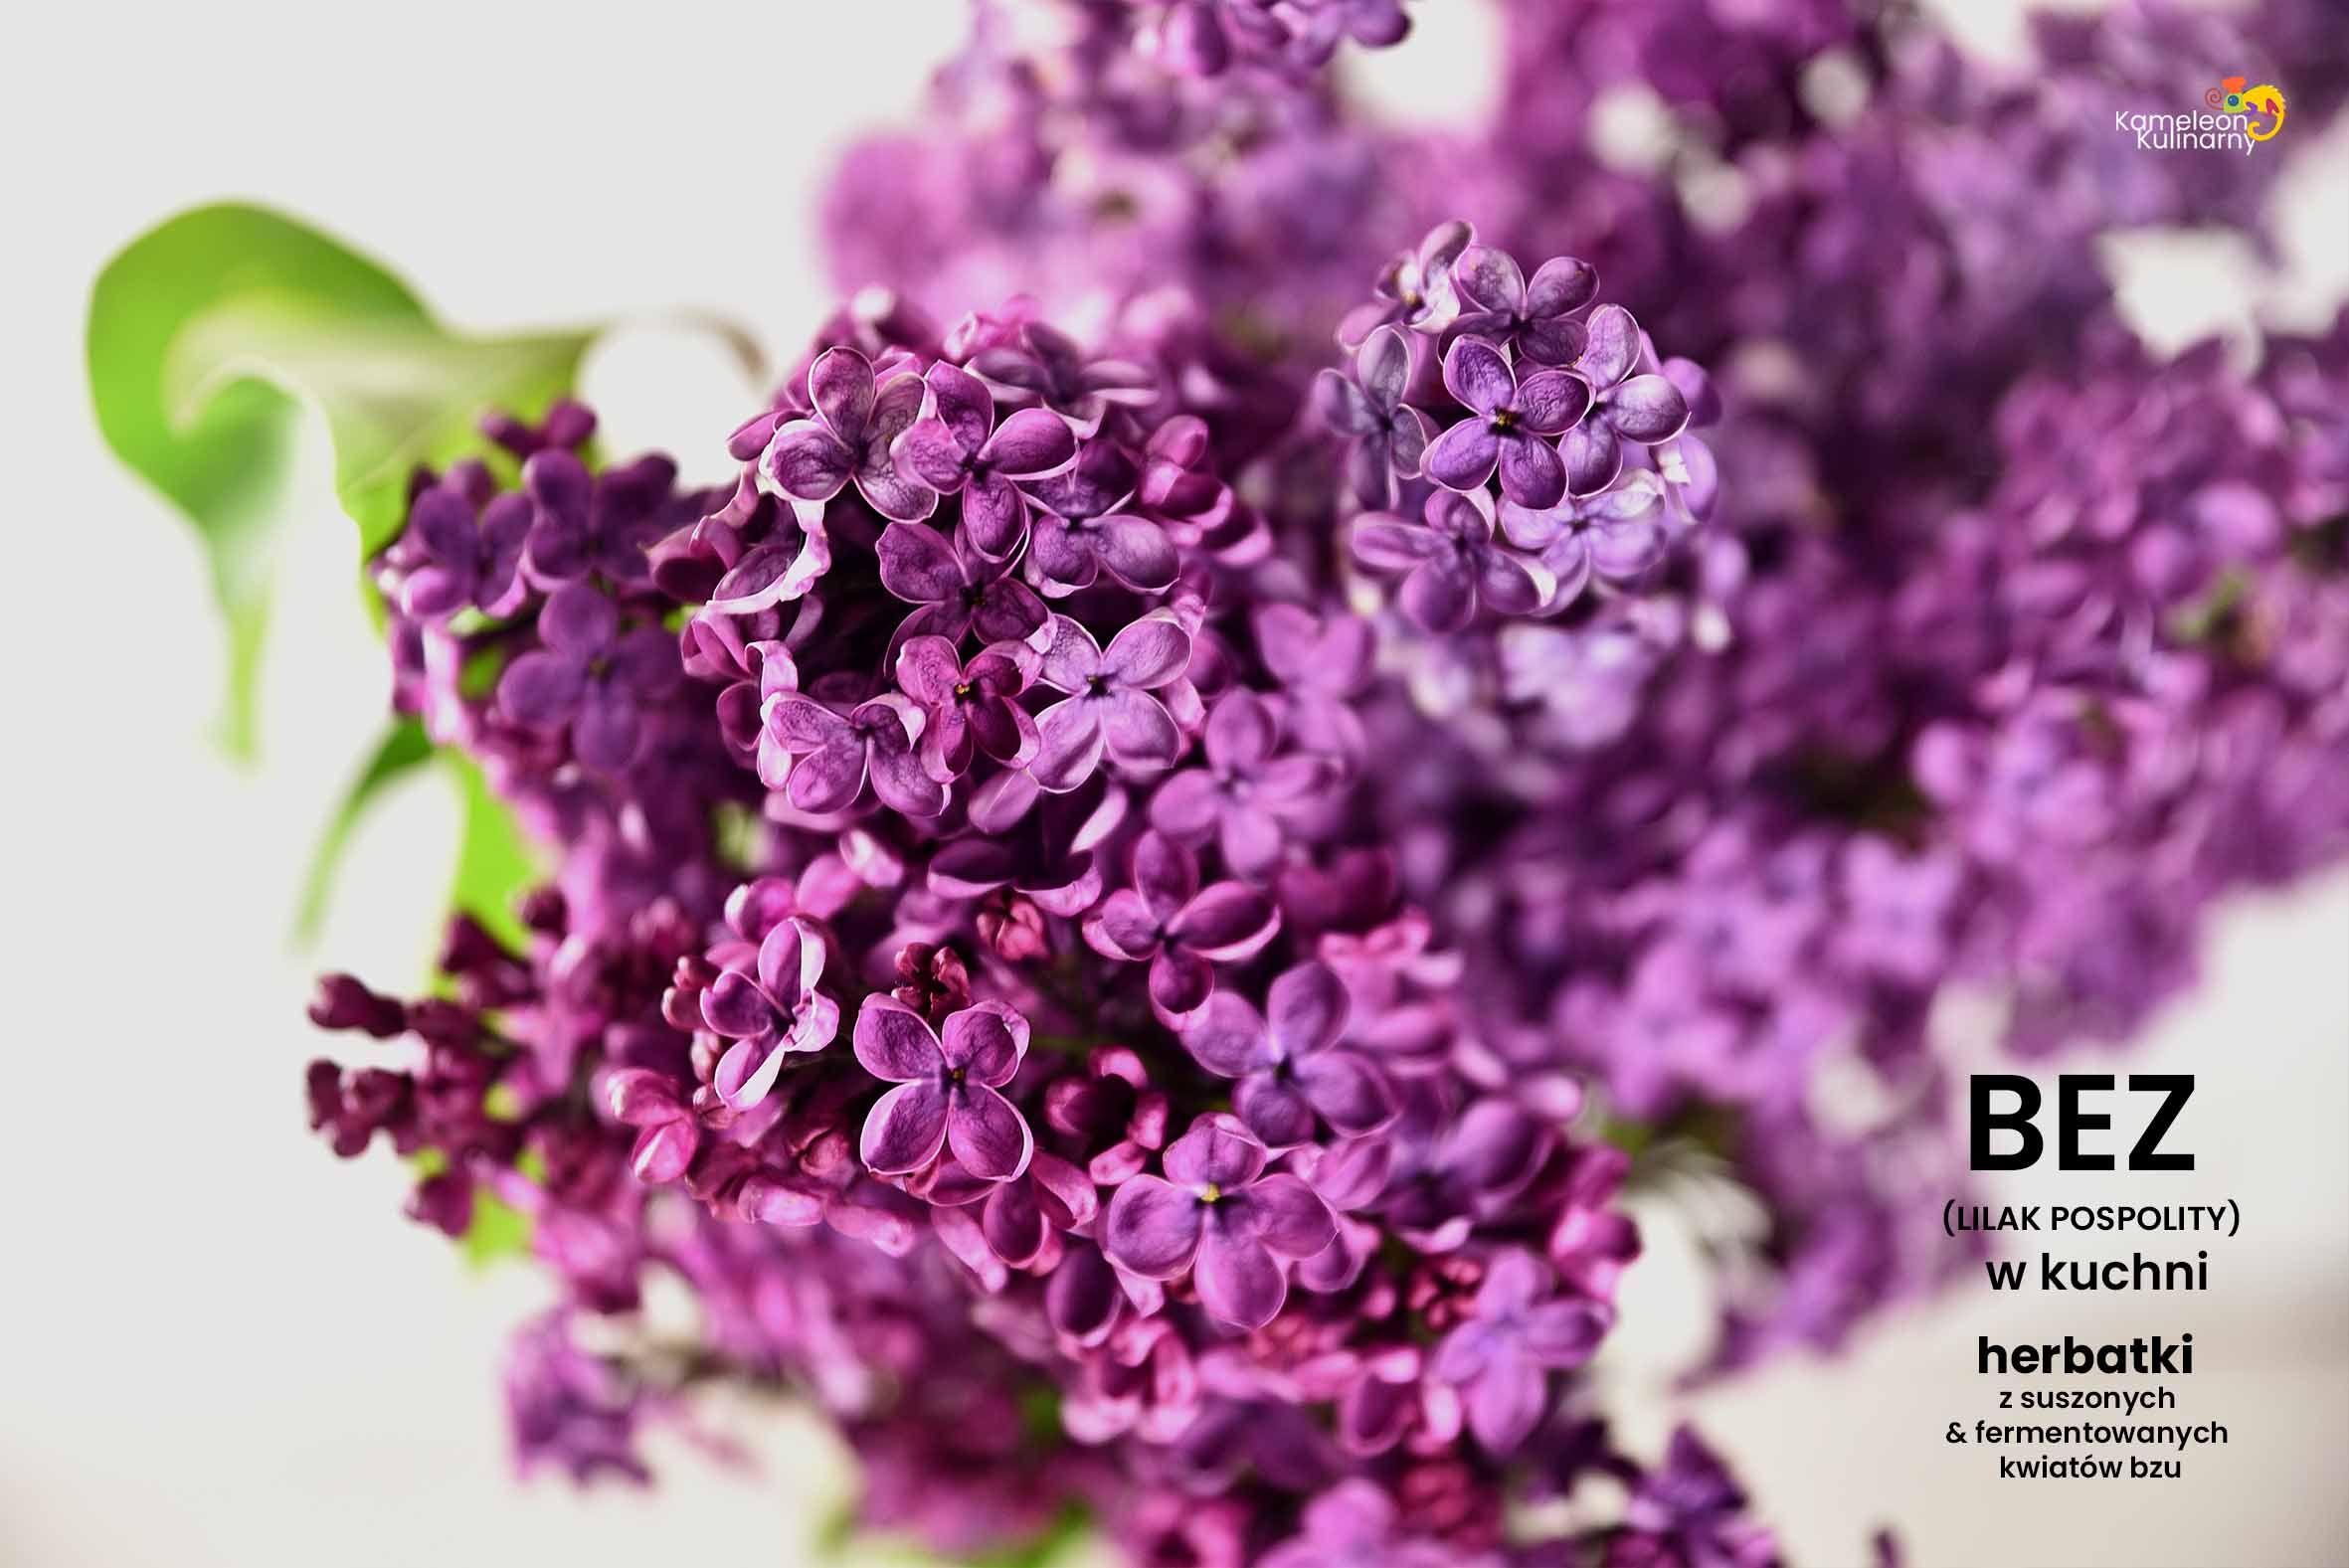 Bez W Kuchni I Herbatka Z Suszonych I Fermentowanych Kwiatow Bzu Vegetables Red Peppercorn Cabbage